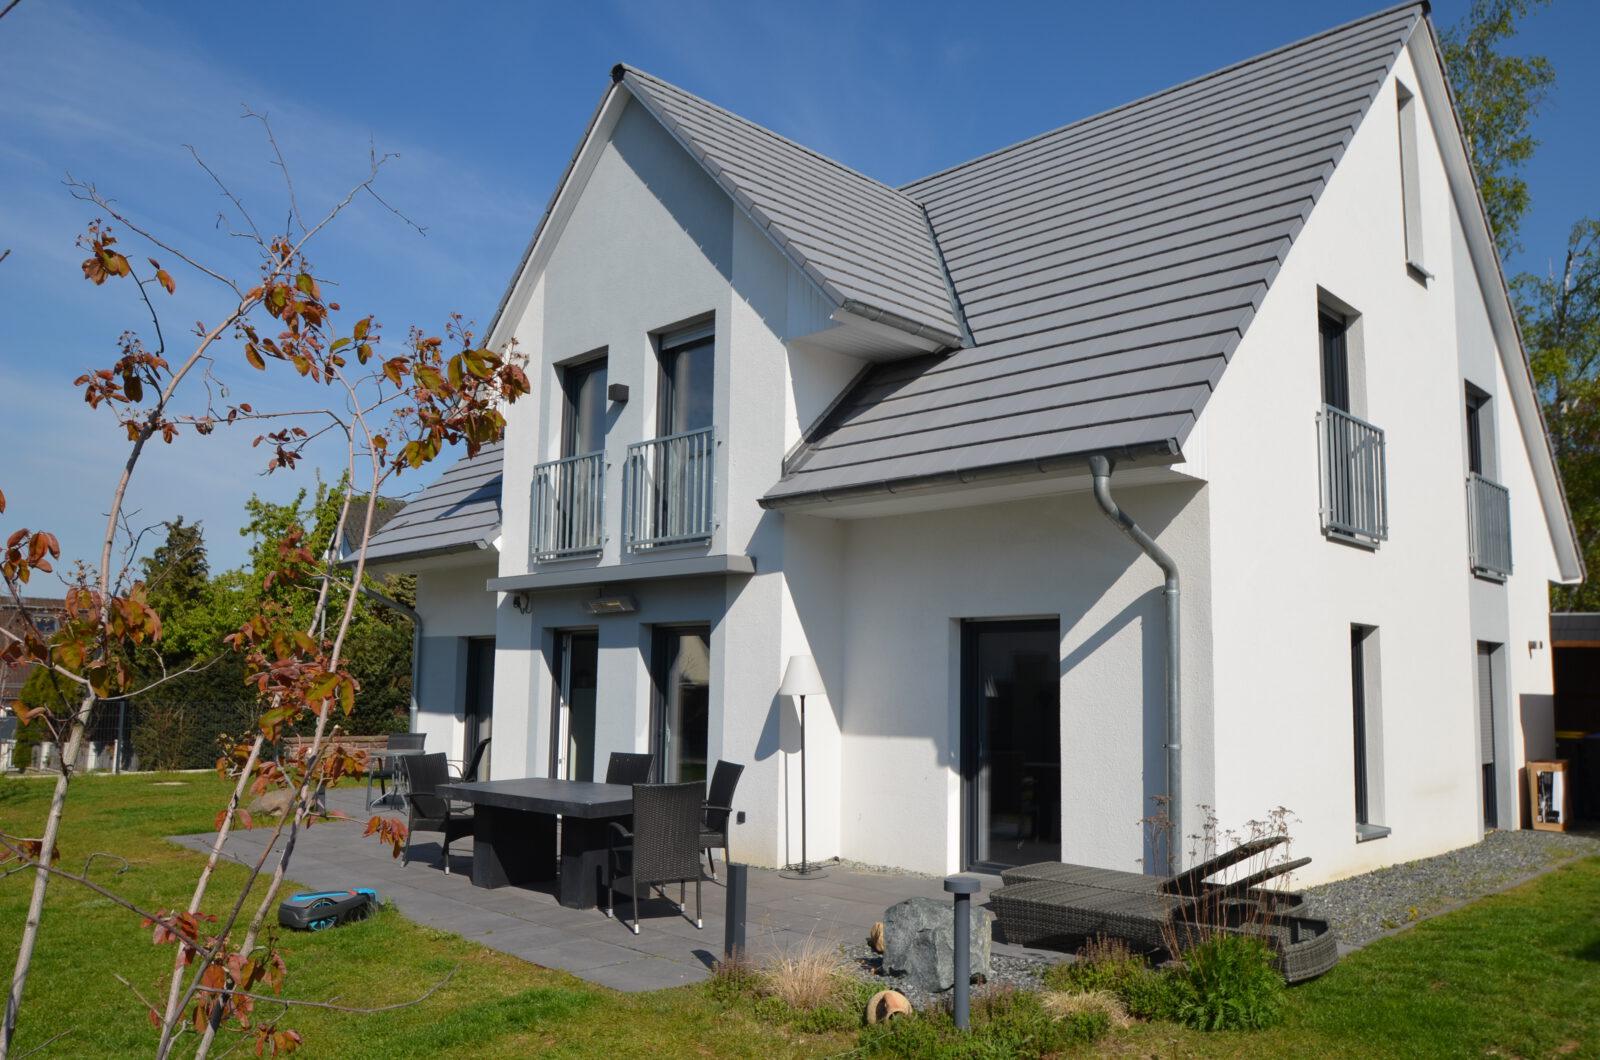 IK Immobilien Haus verkaufen Wolfenbüttel Immobilie verkaufen